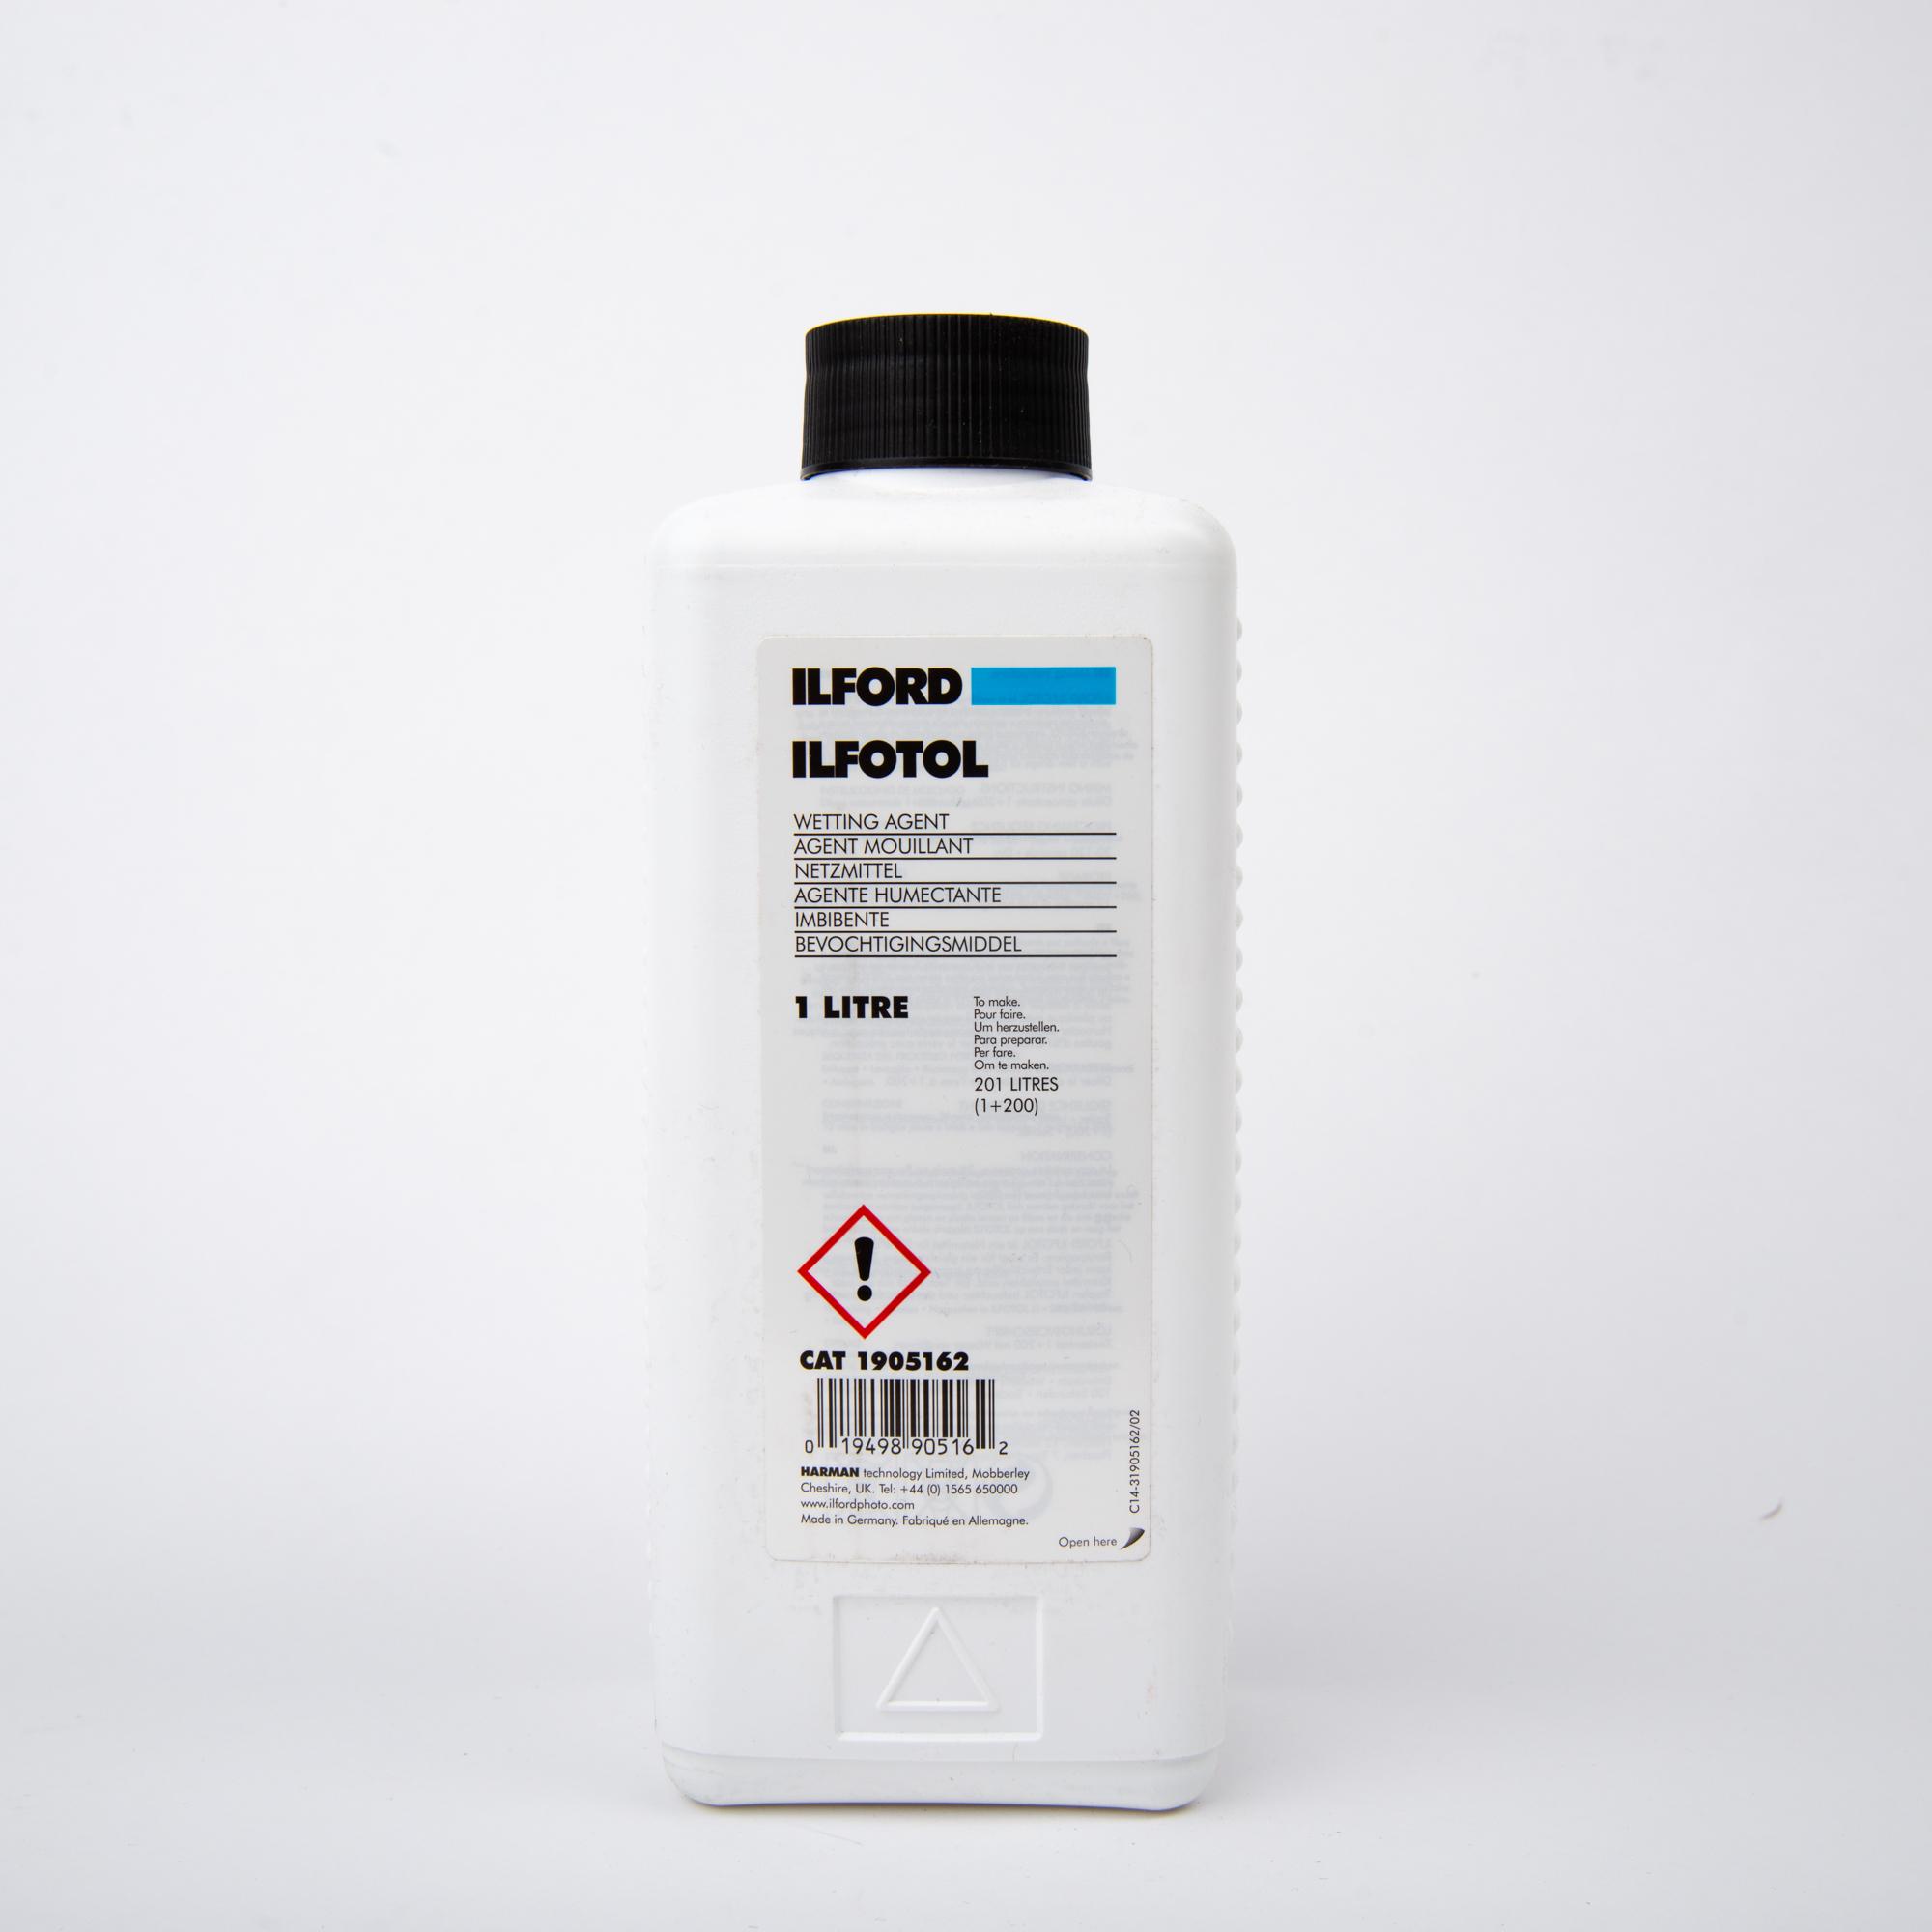 Стабилизатор-смачиватель Ilfotol, 1 литр